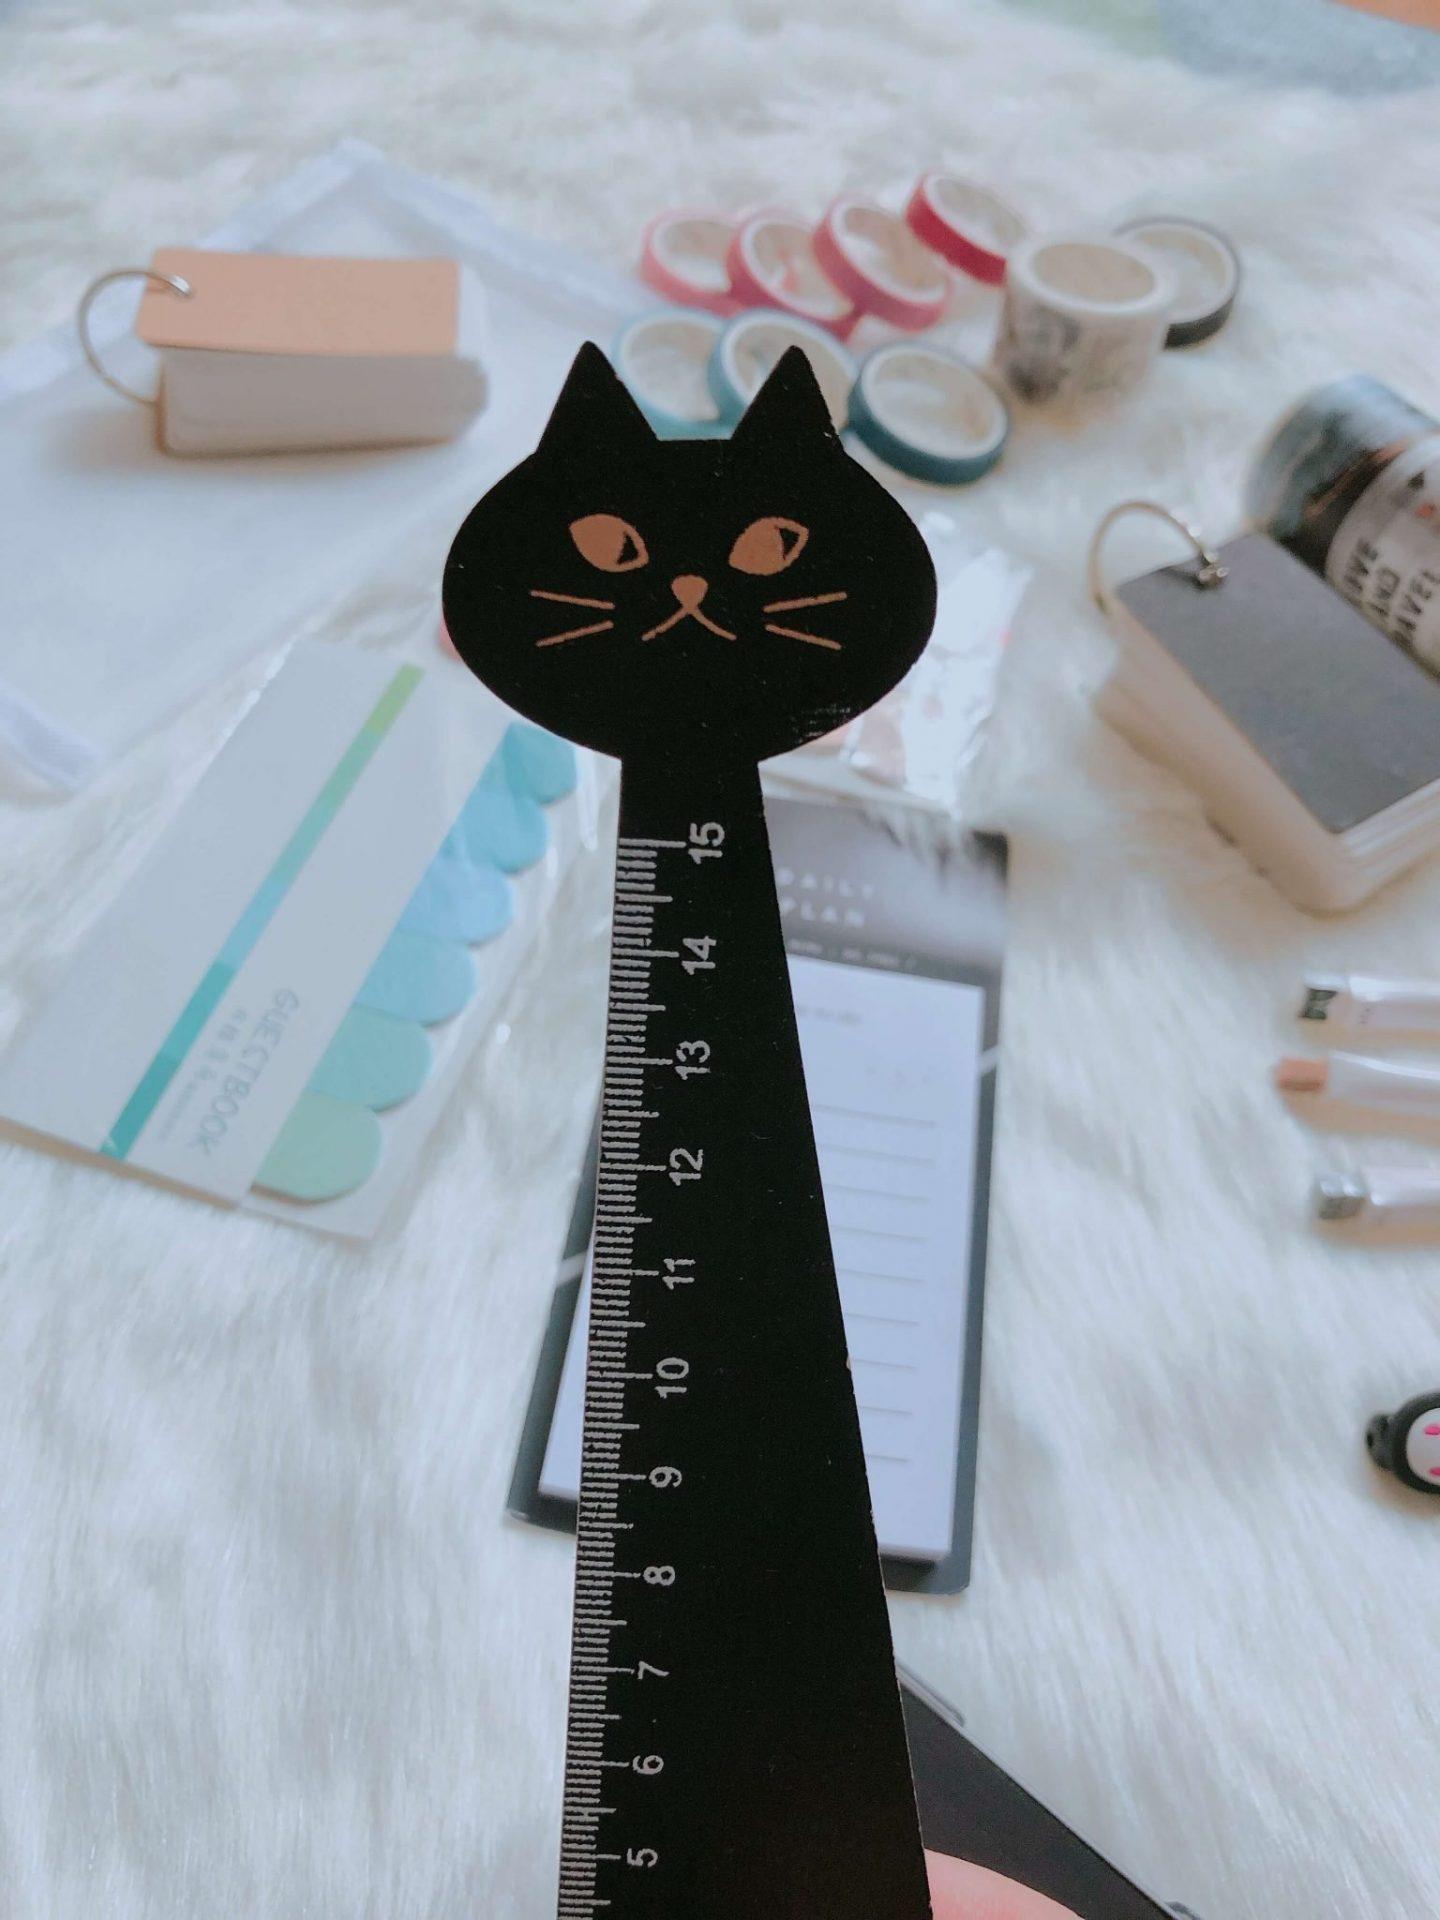 Cat shaped ruler